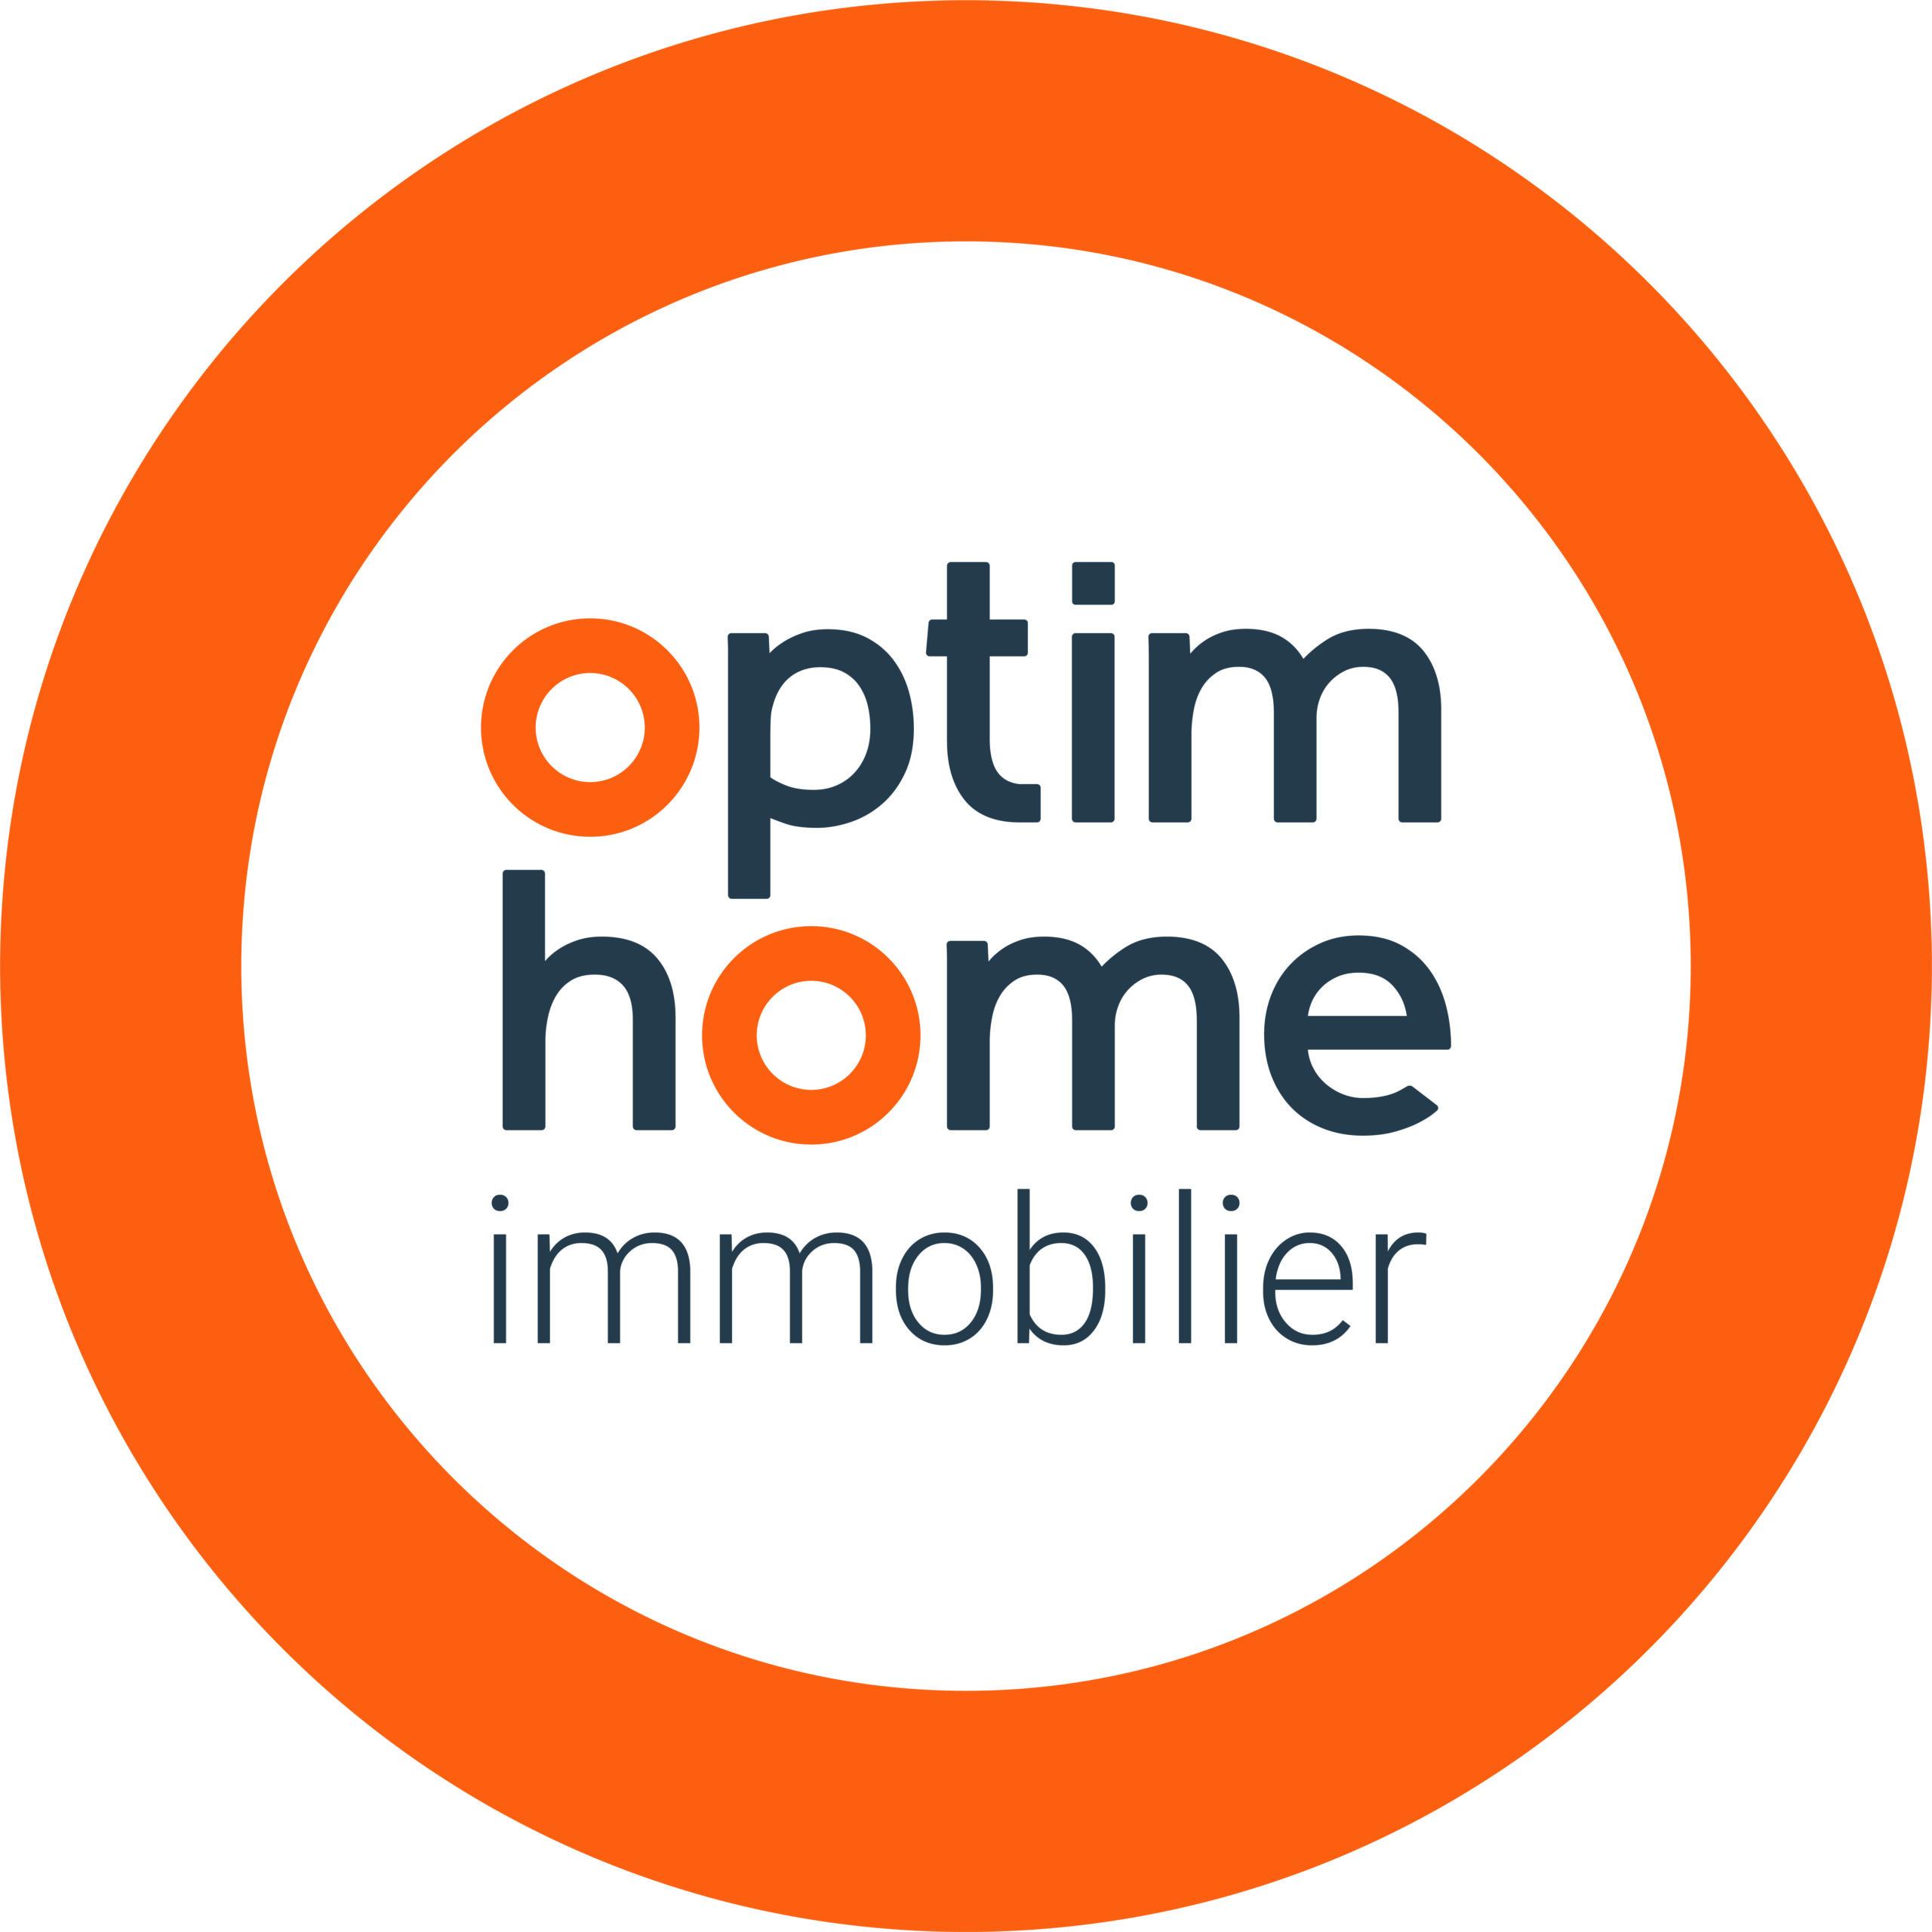 Cette image représente le logo de Optimhome immobilier Julie Timon